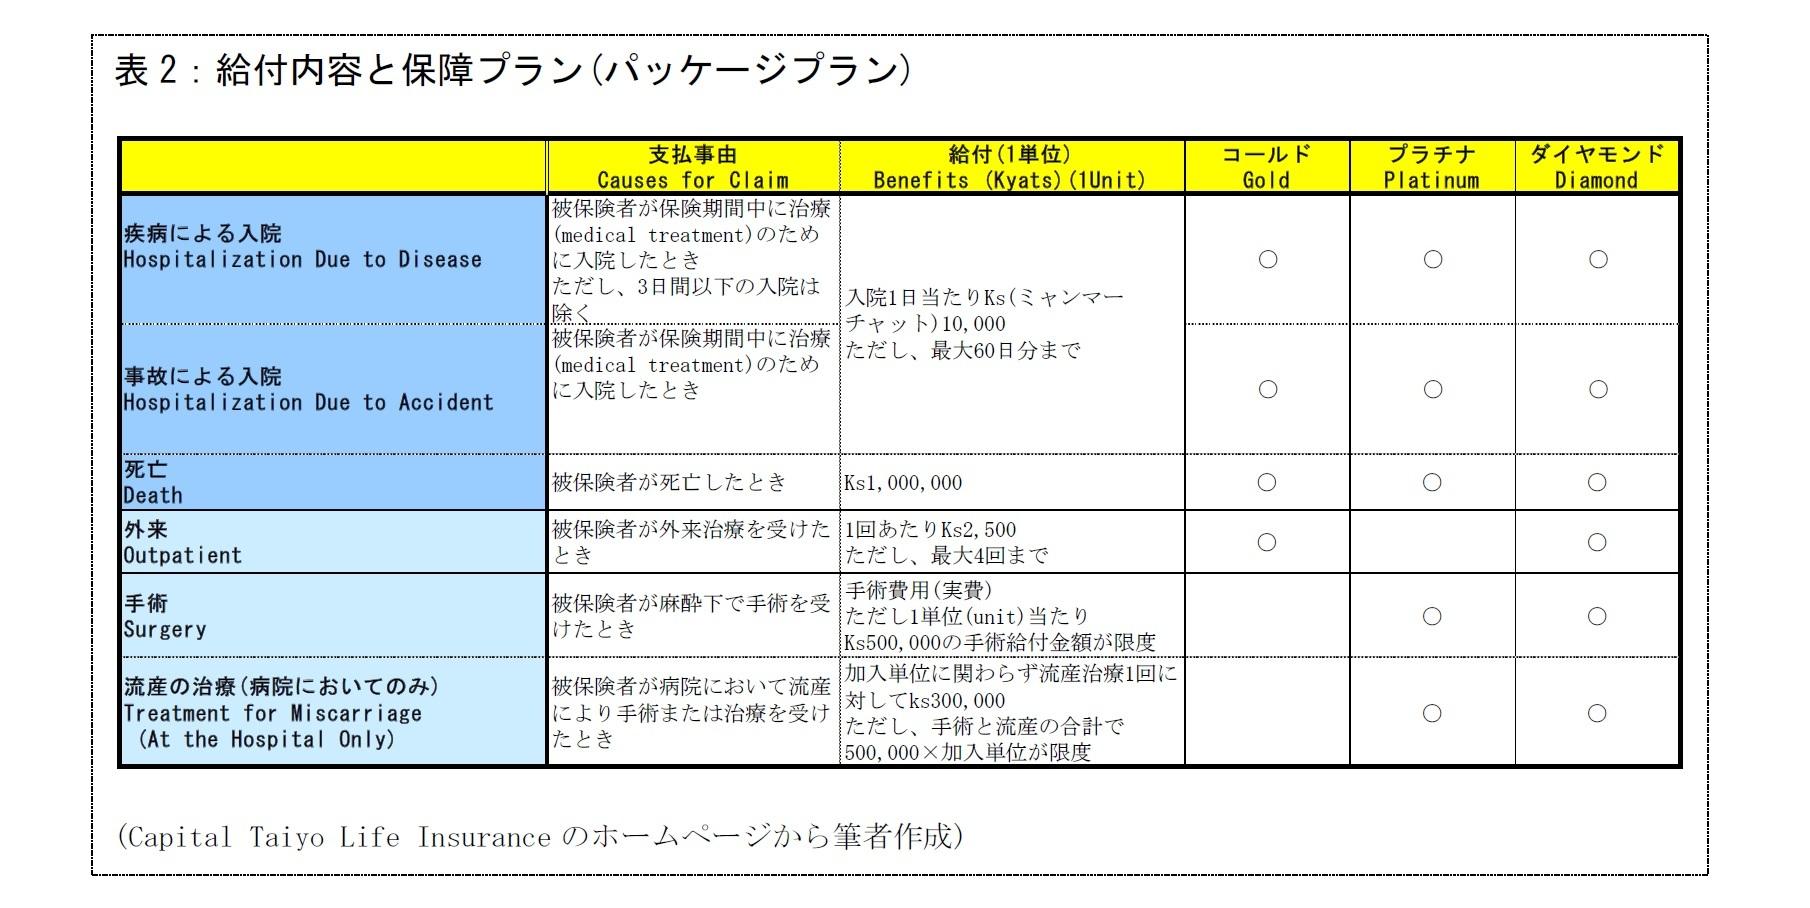 表2:給付内容と保障プラン(パッケージプラン)